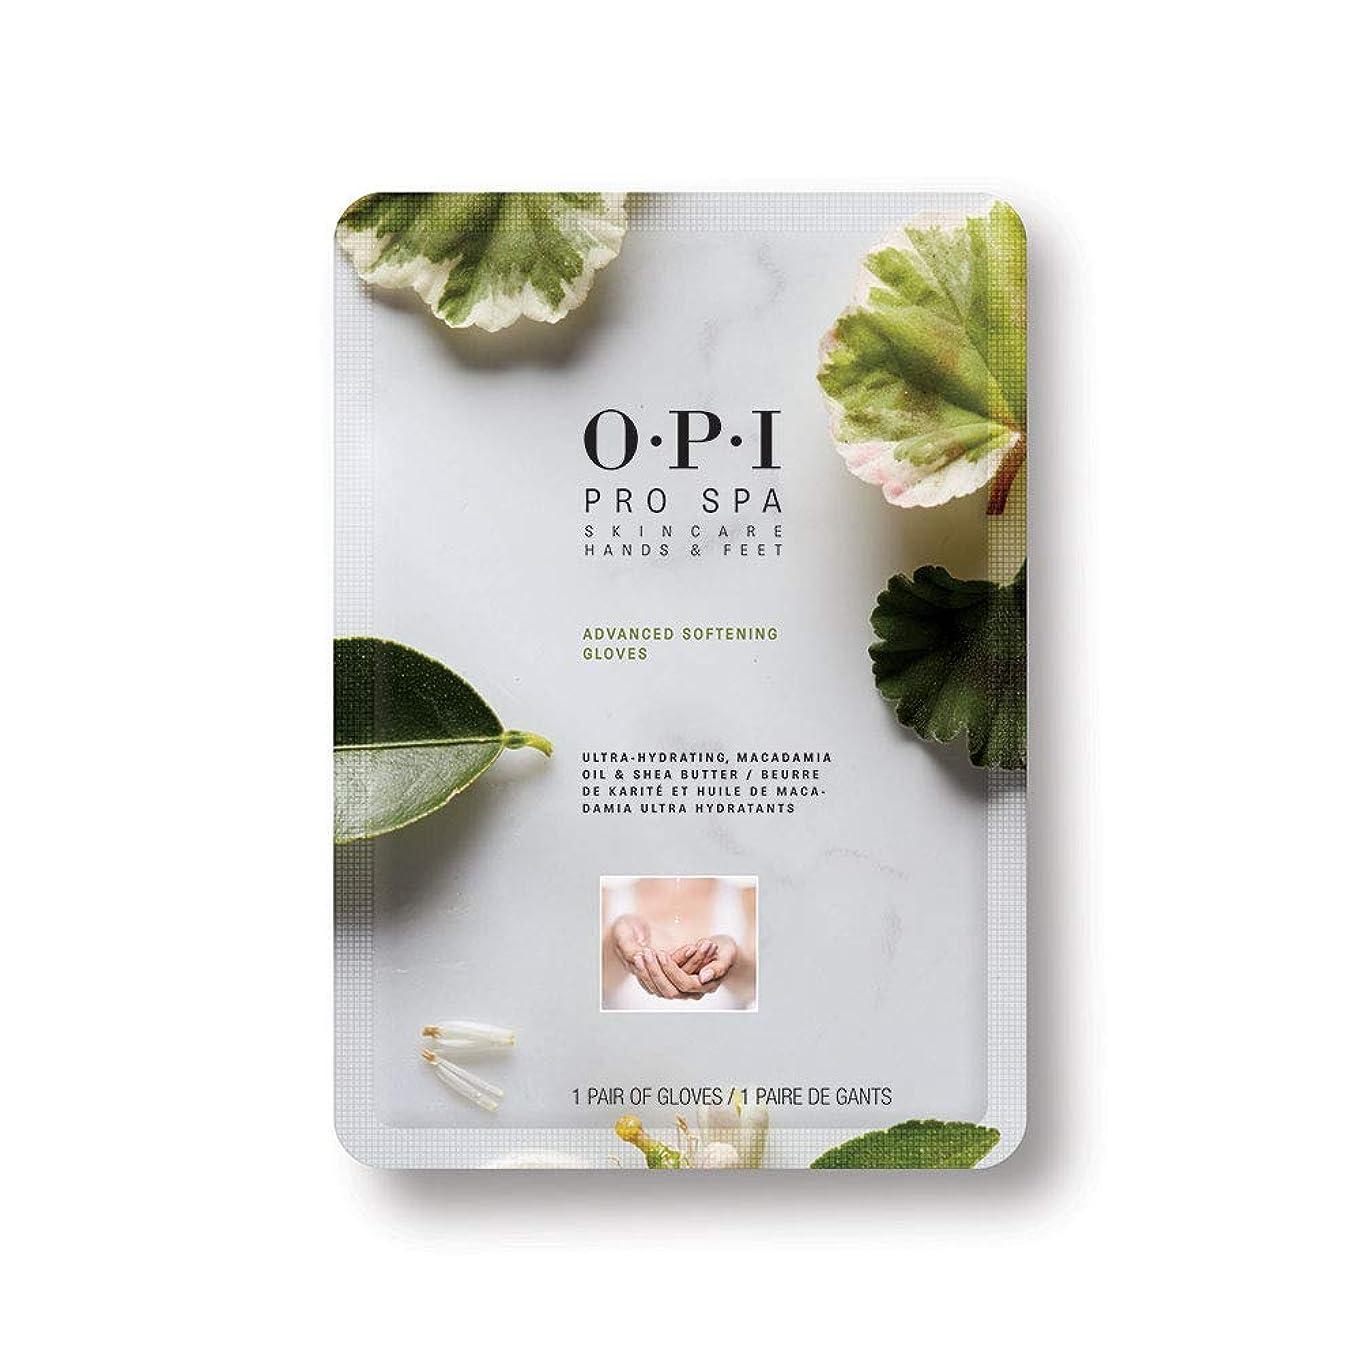 作物誘発する共和国OPI(オーピーアイ) プロスパ アドバンス ソフニング グローブ